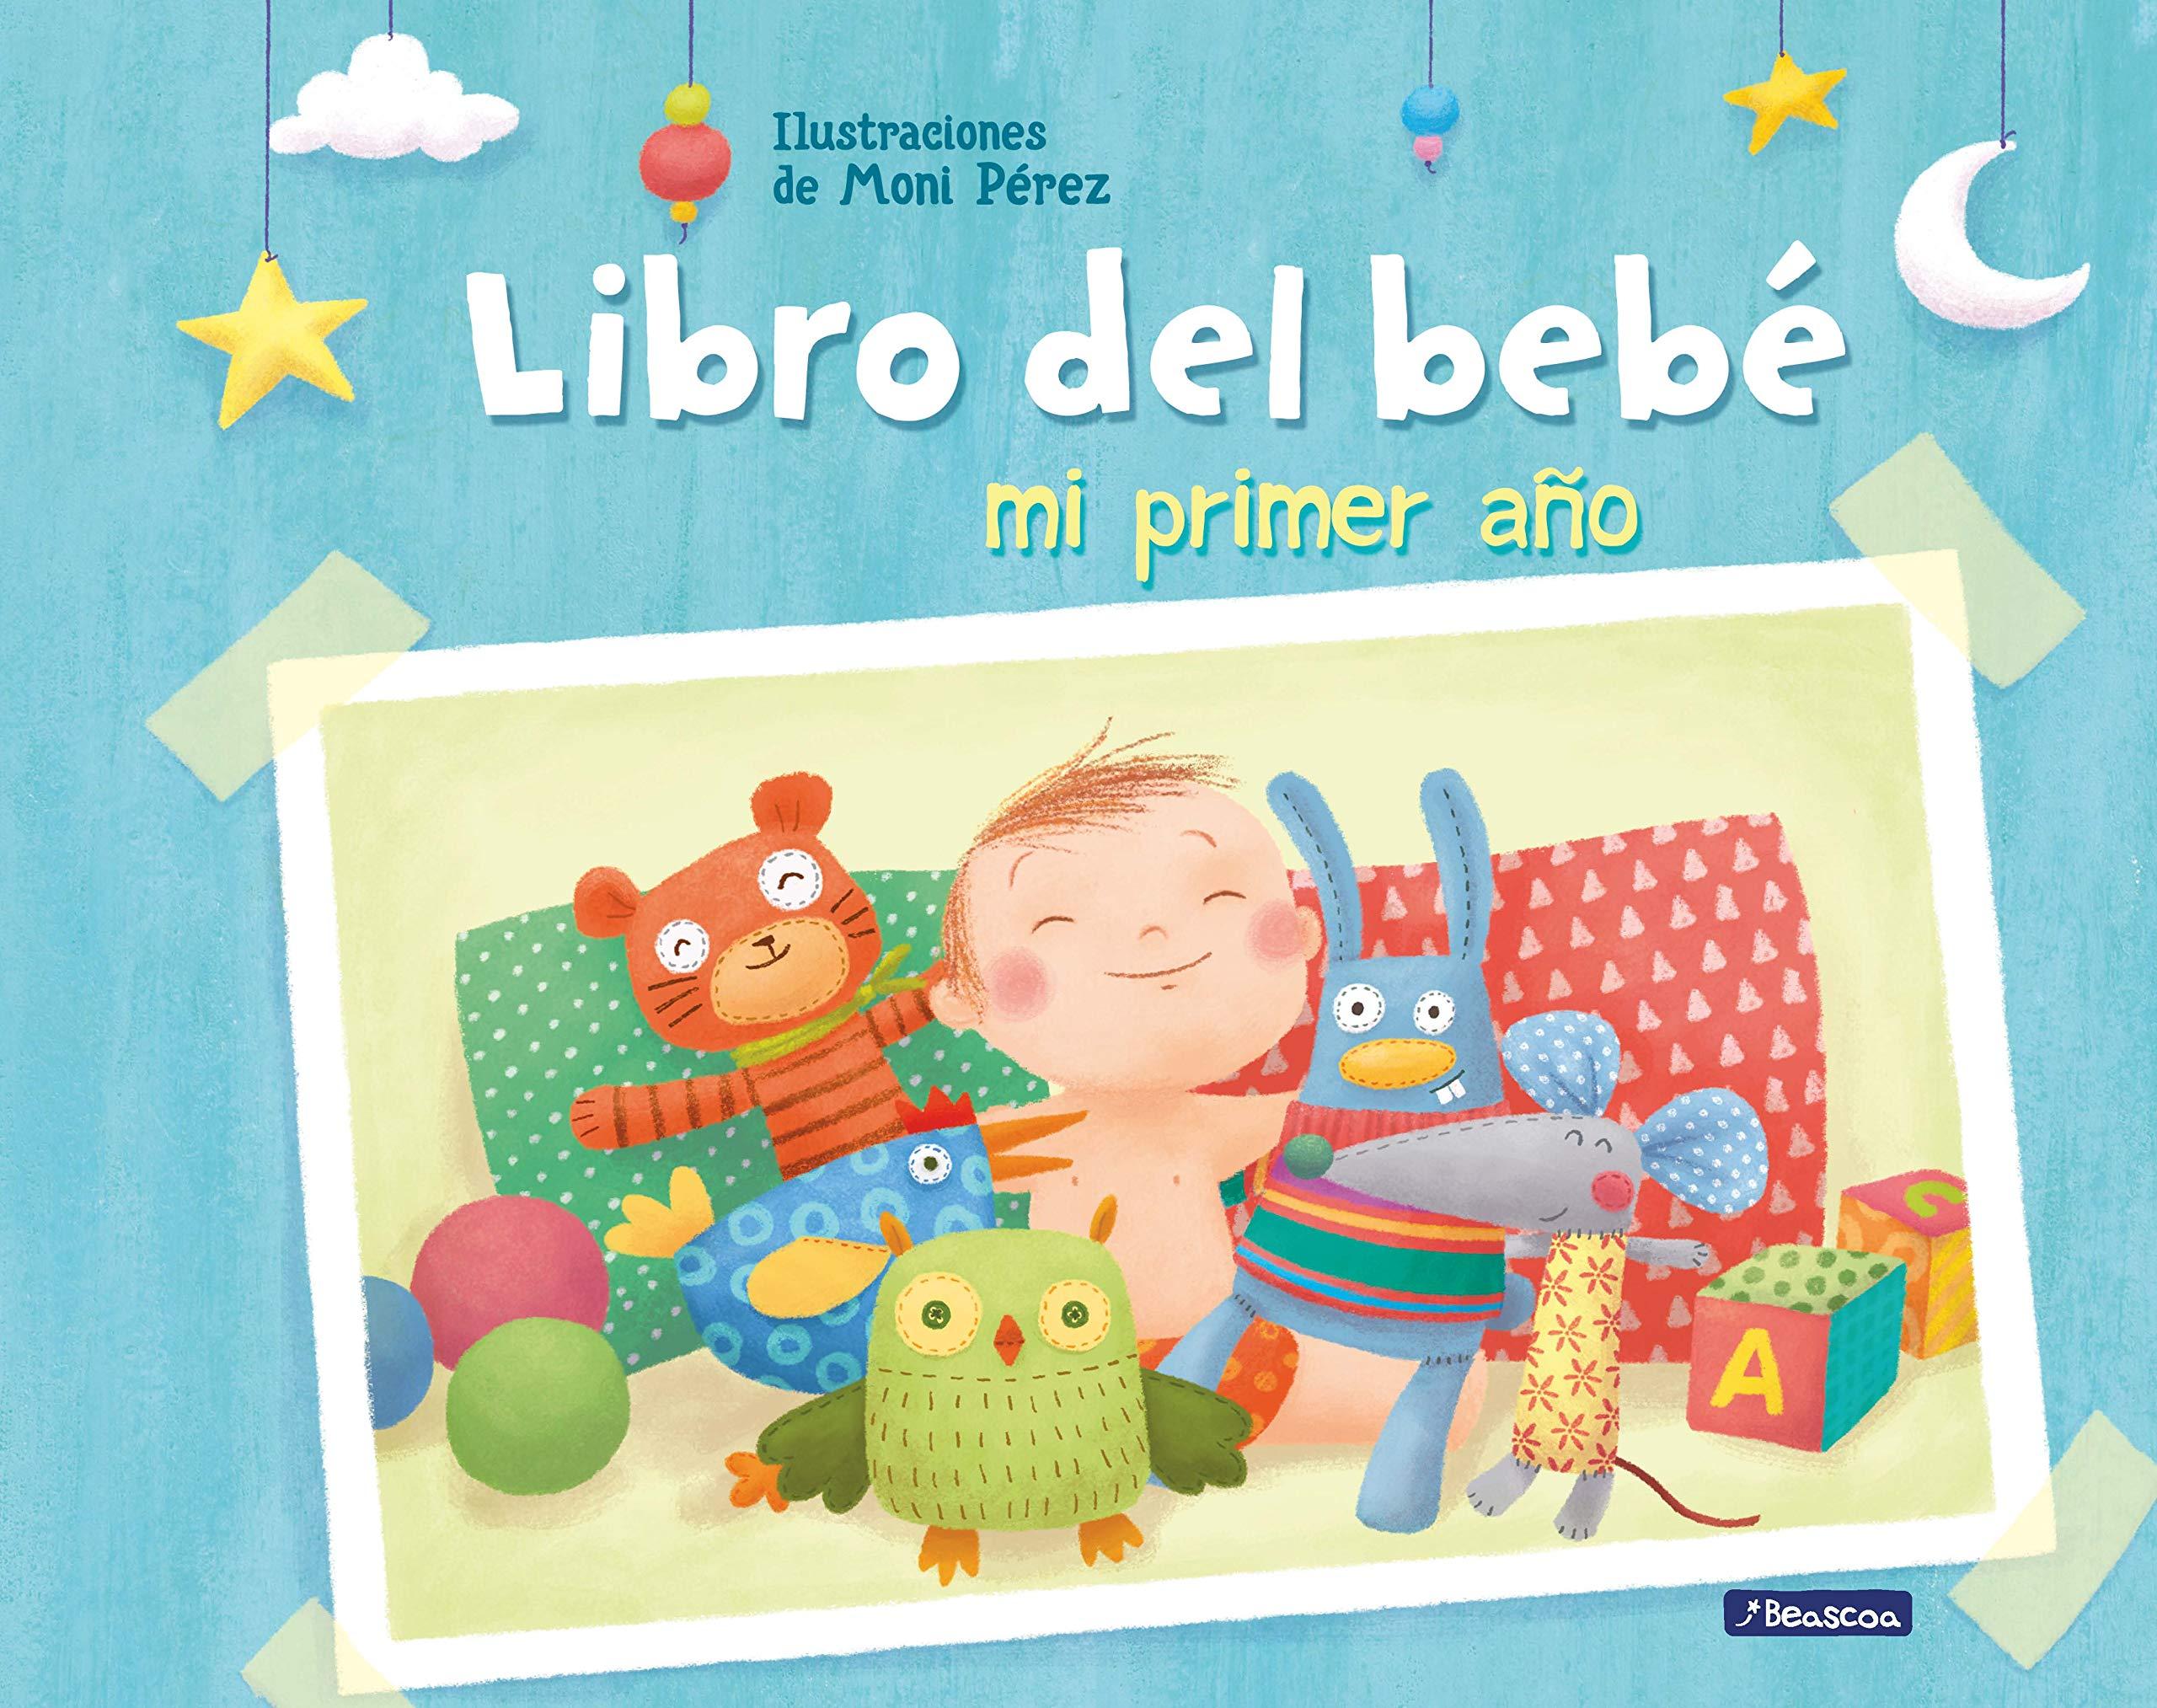 Mi primer año. Libro del bebé (El libro del bebé): Amazon.es ...